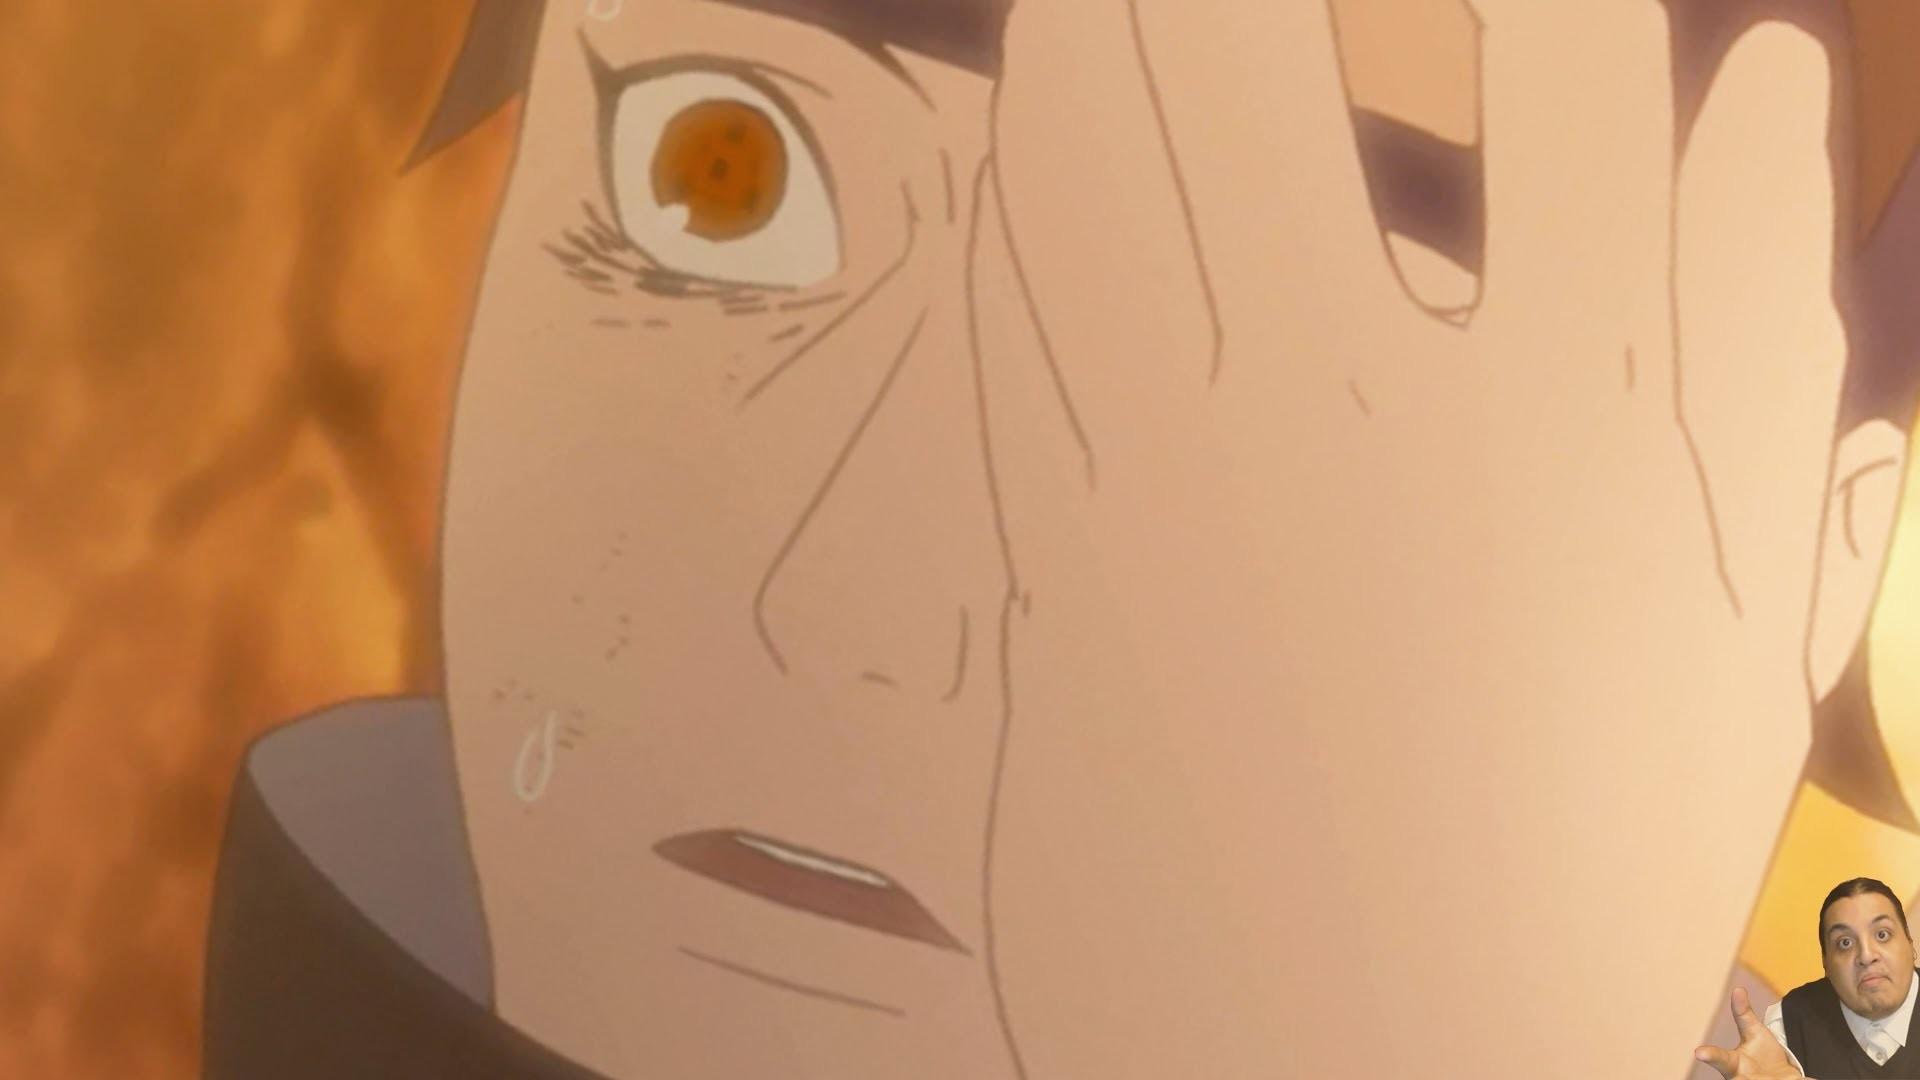 Naruto Shippuden Episode 358 -ナルト- 疾風伝 Review — Shisui Uchiha Vs Danzo  Shimura The Krusty – YouTube